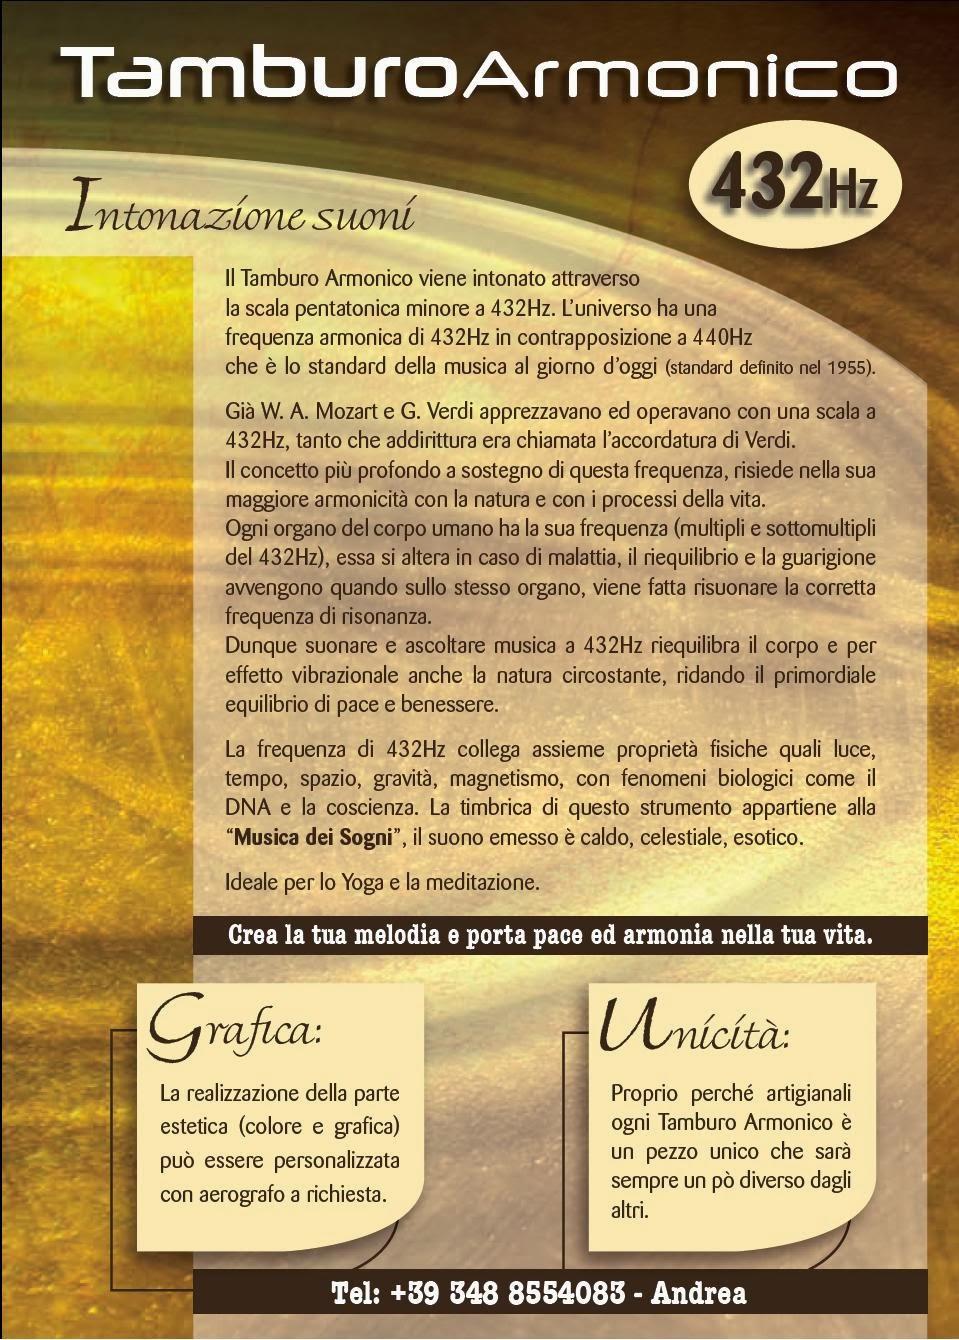 f200f27a660 Tamburo Armonico 432 Hz  nasce a Varese la Scuola per .